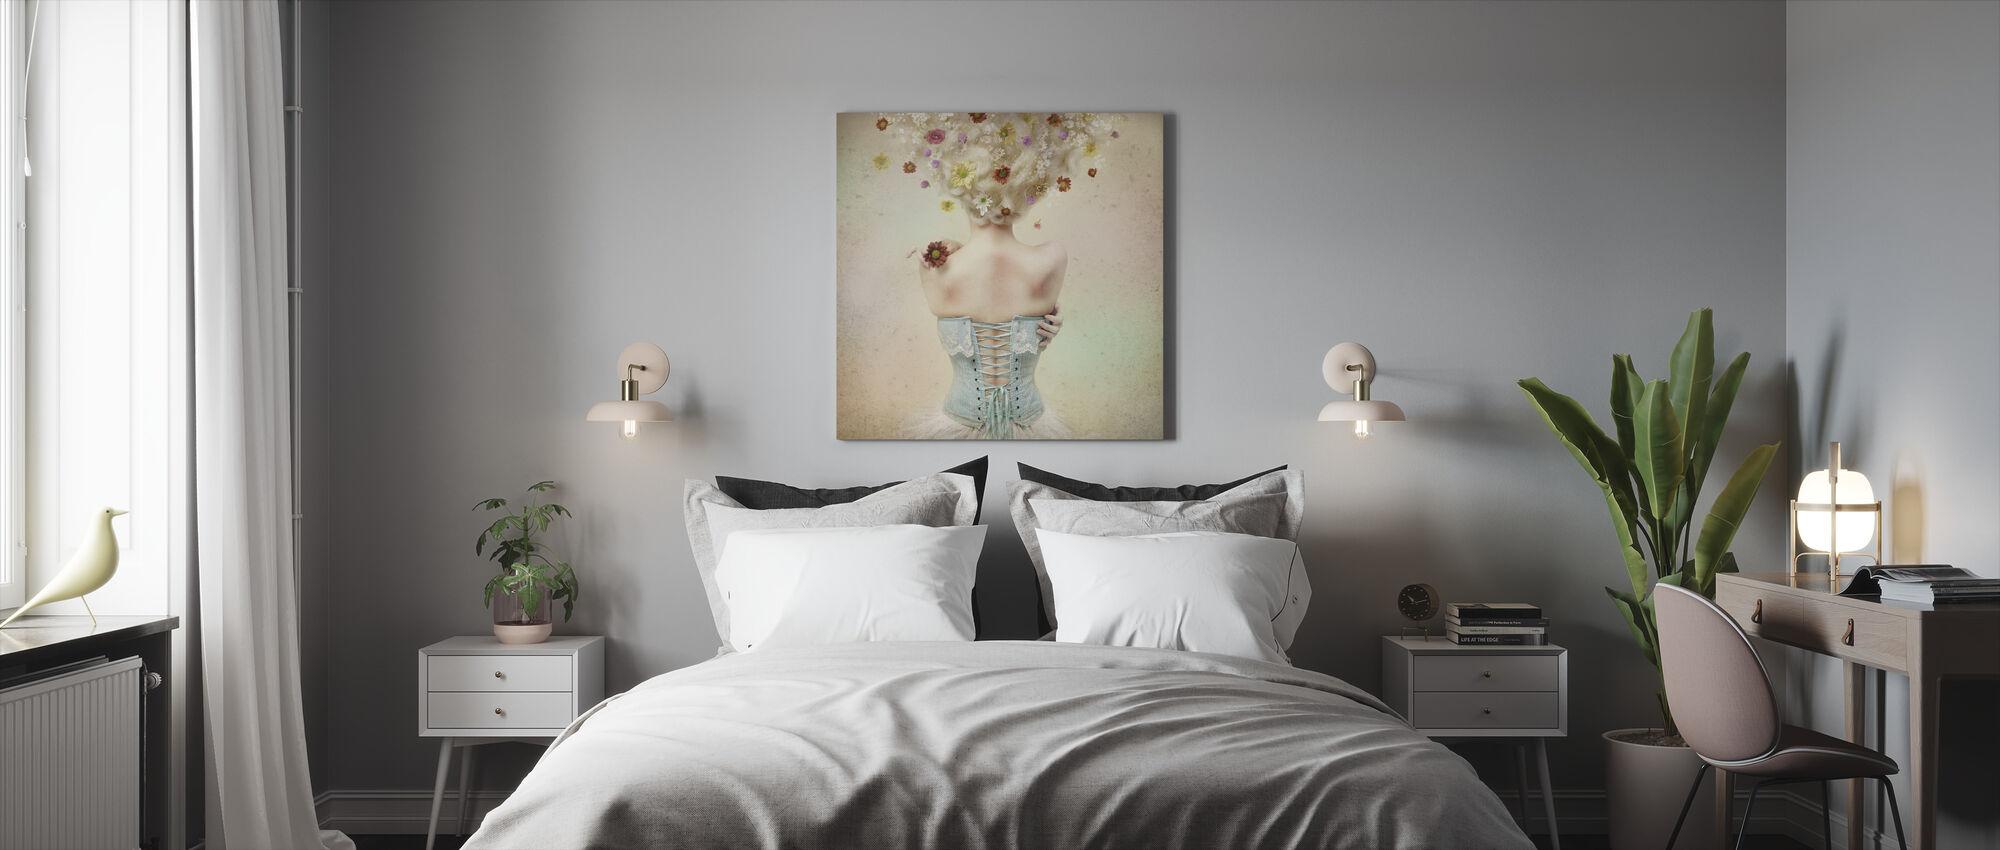 Pige af blomsterhaven - Billede på lærred - Soveværelse